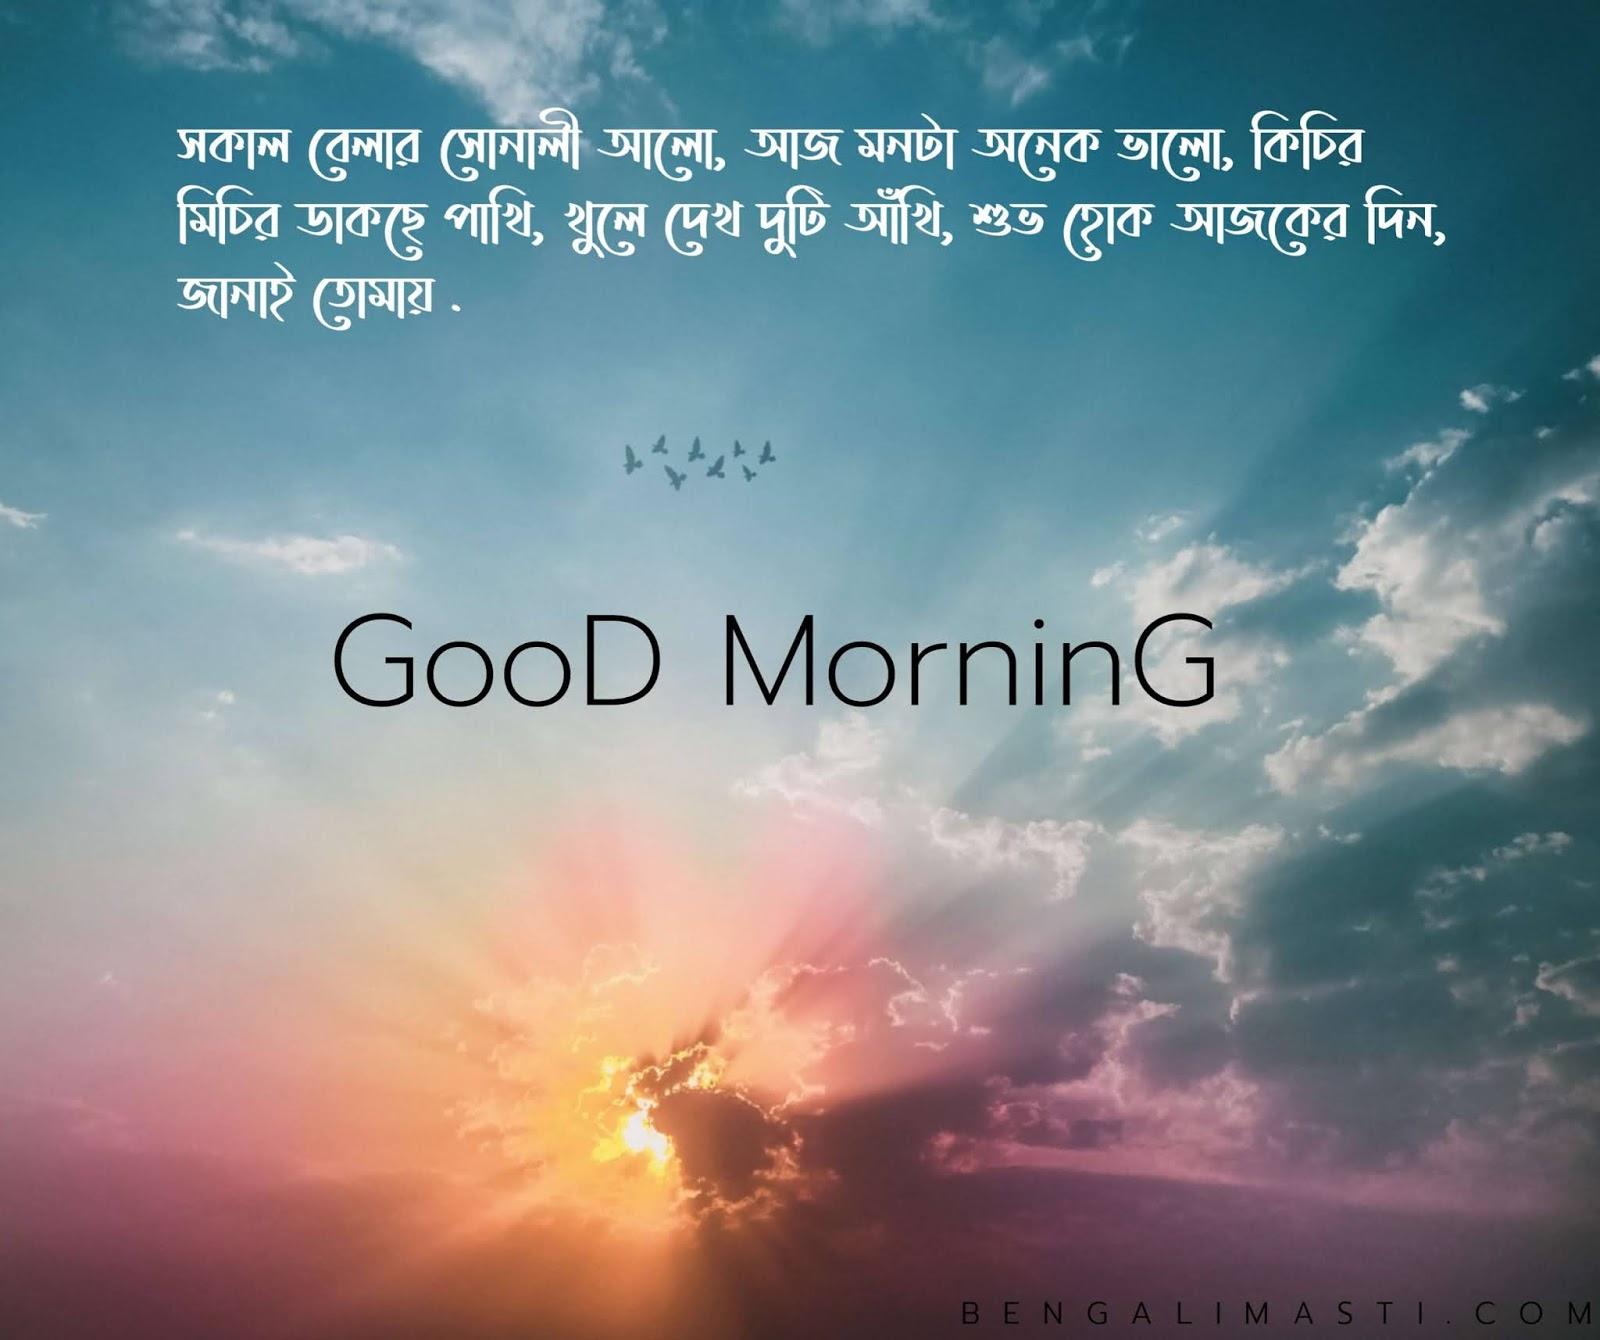 subha sakal picture